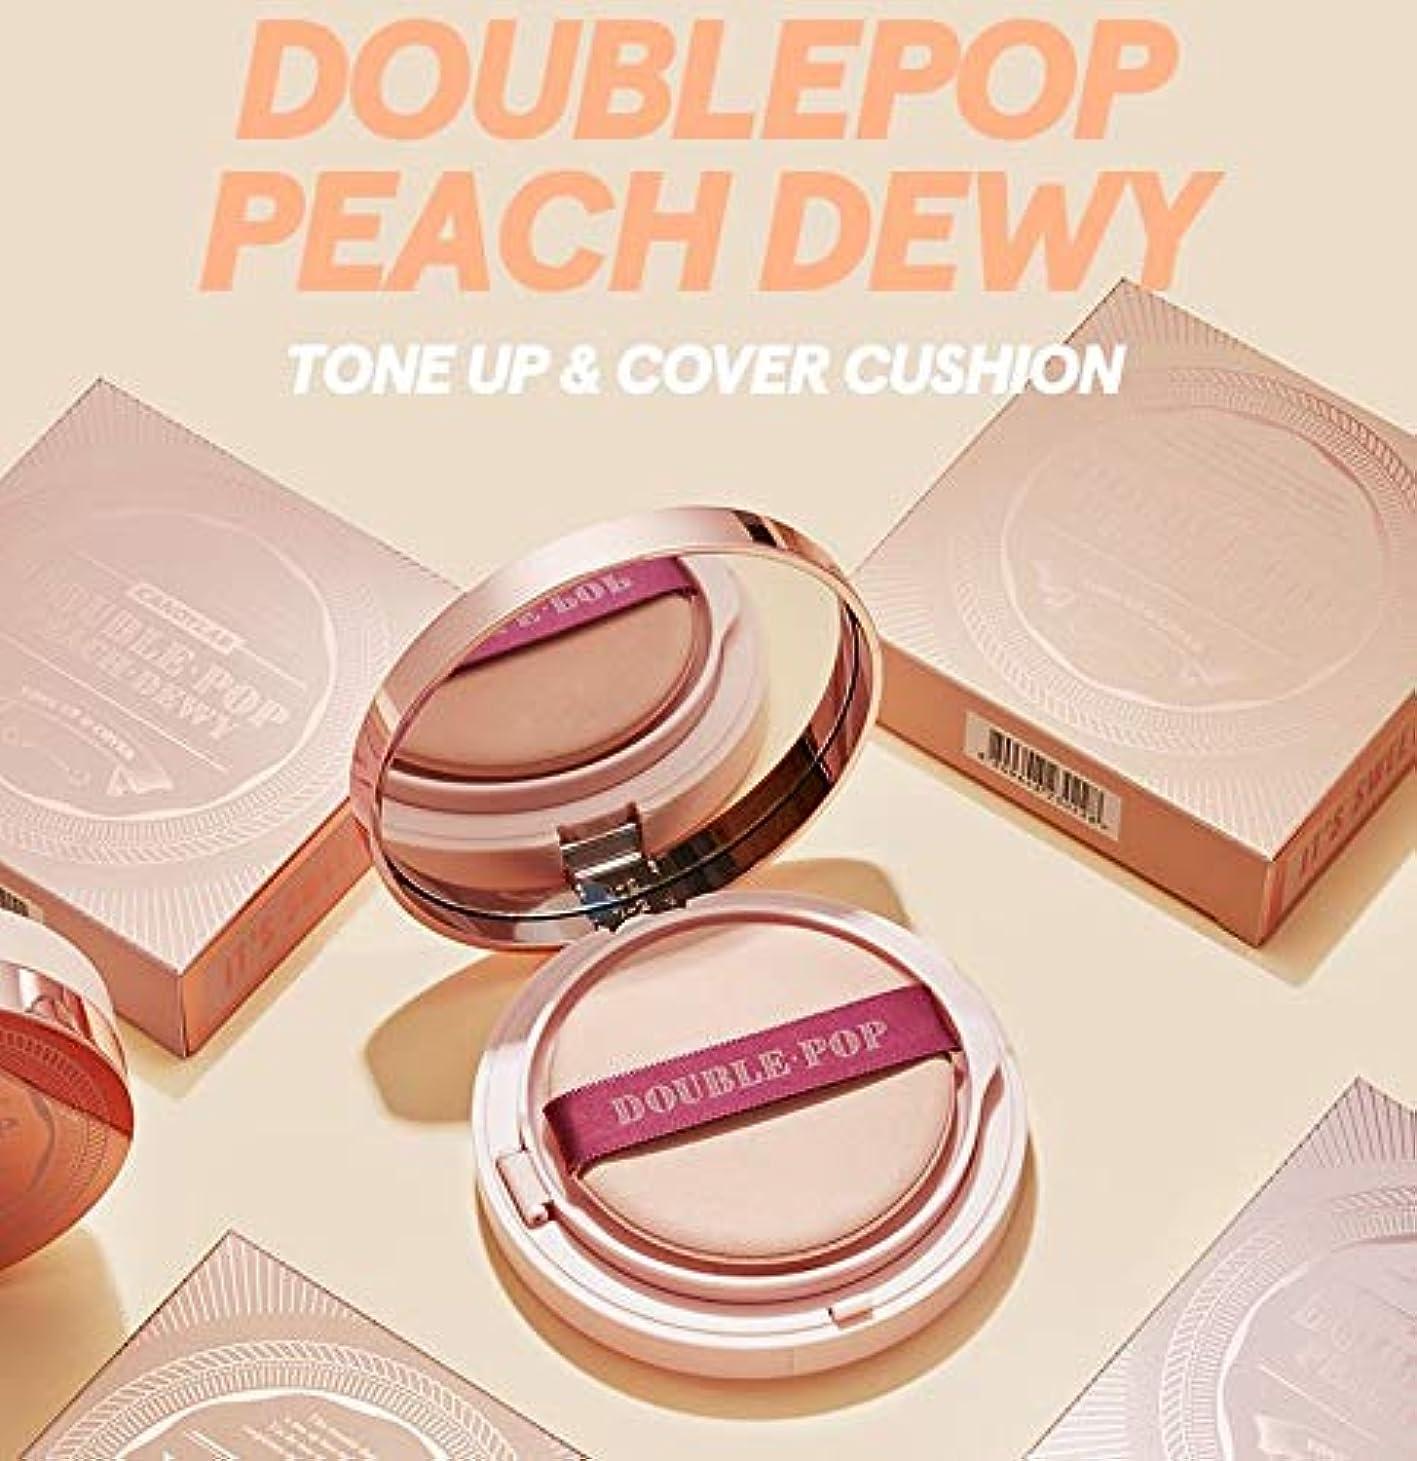 れる排出自信がある【キャンディラボ公式ストア】Doublepop Peach Dewy Cushion/ダブルポップピーチ クッションファンデ/正品?海外直送商品 [並行輸入品] (#21 Ivory Peach)